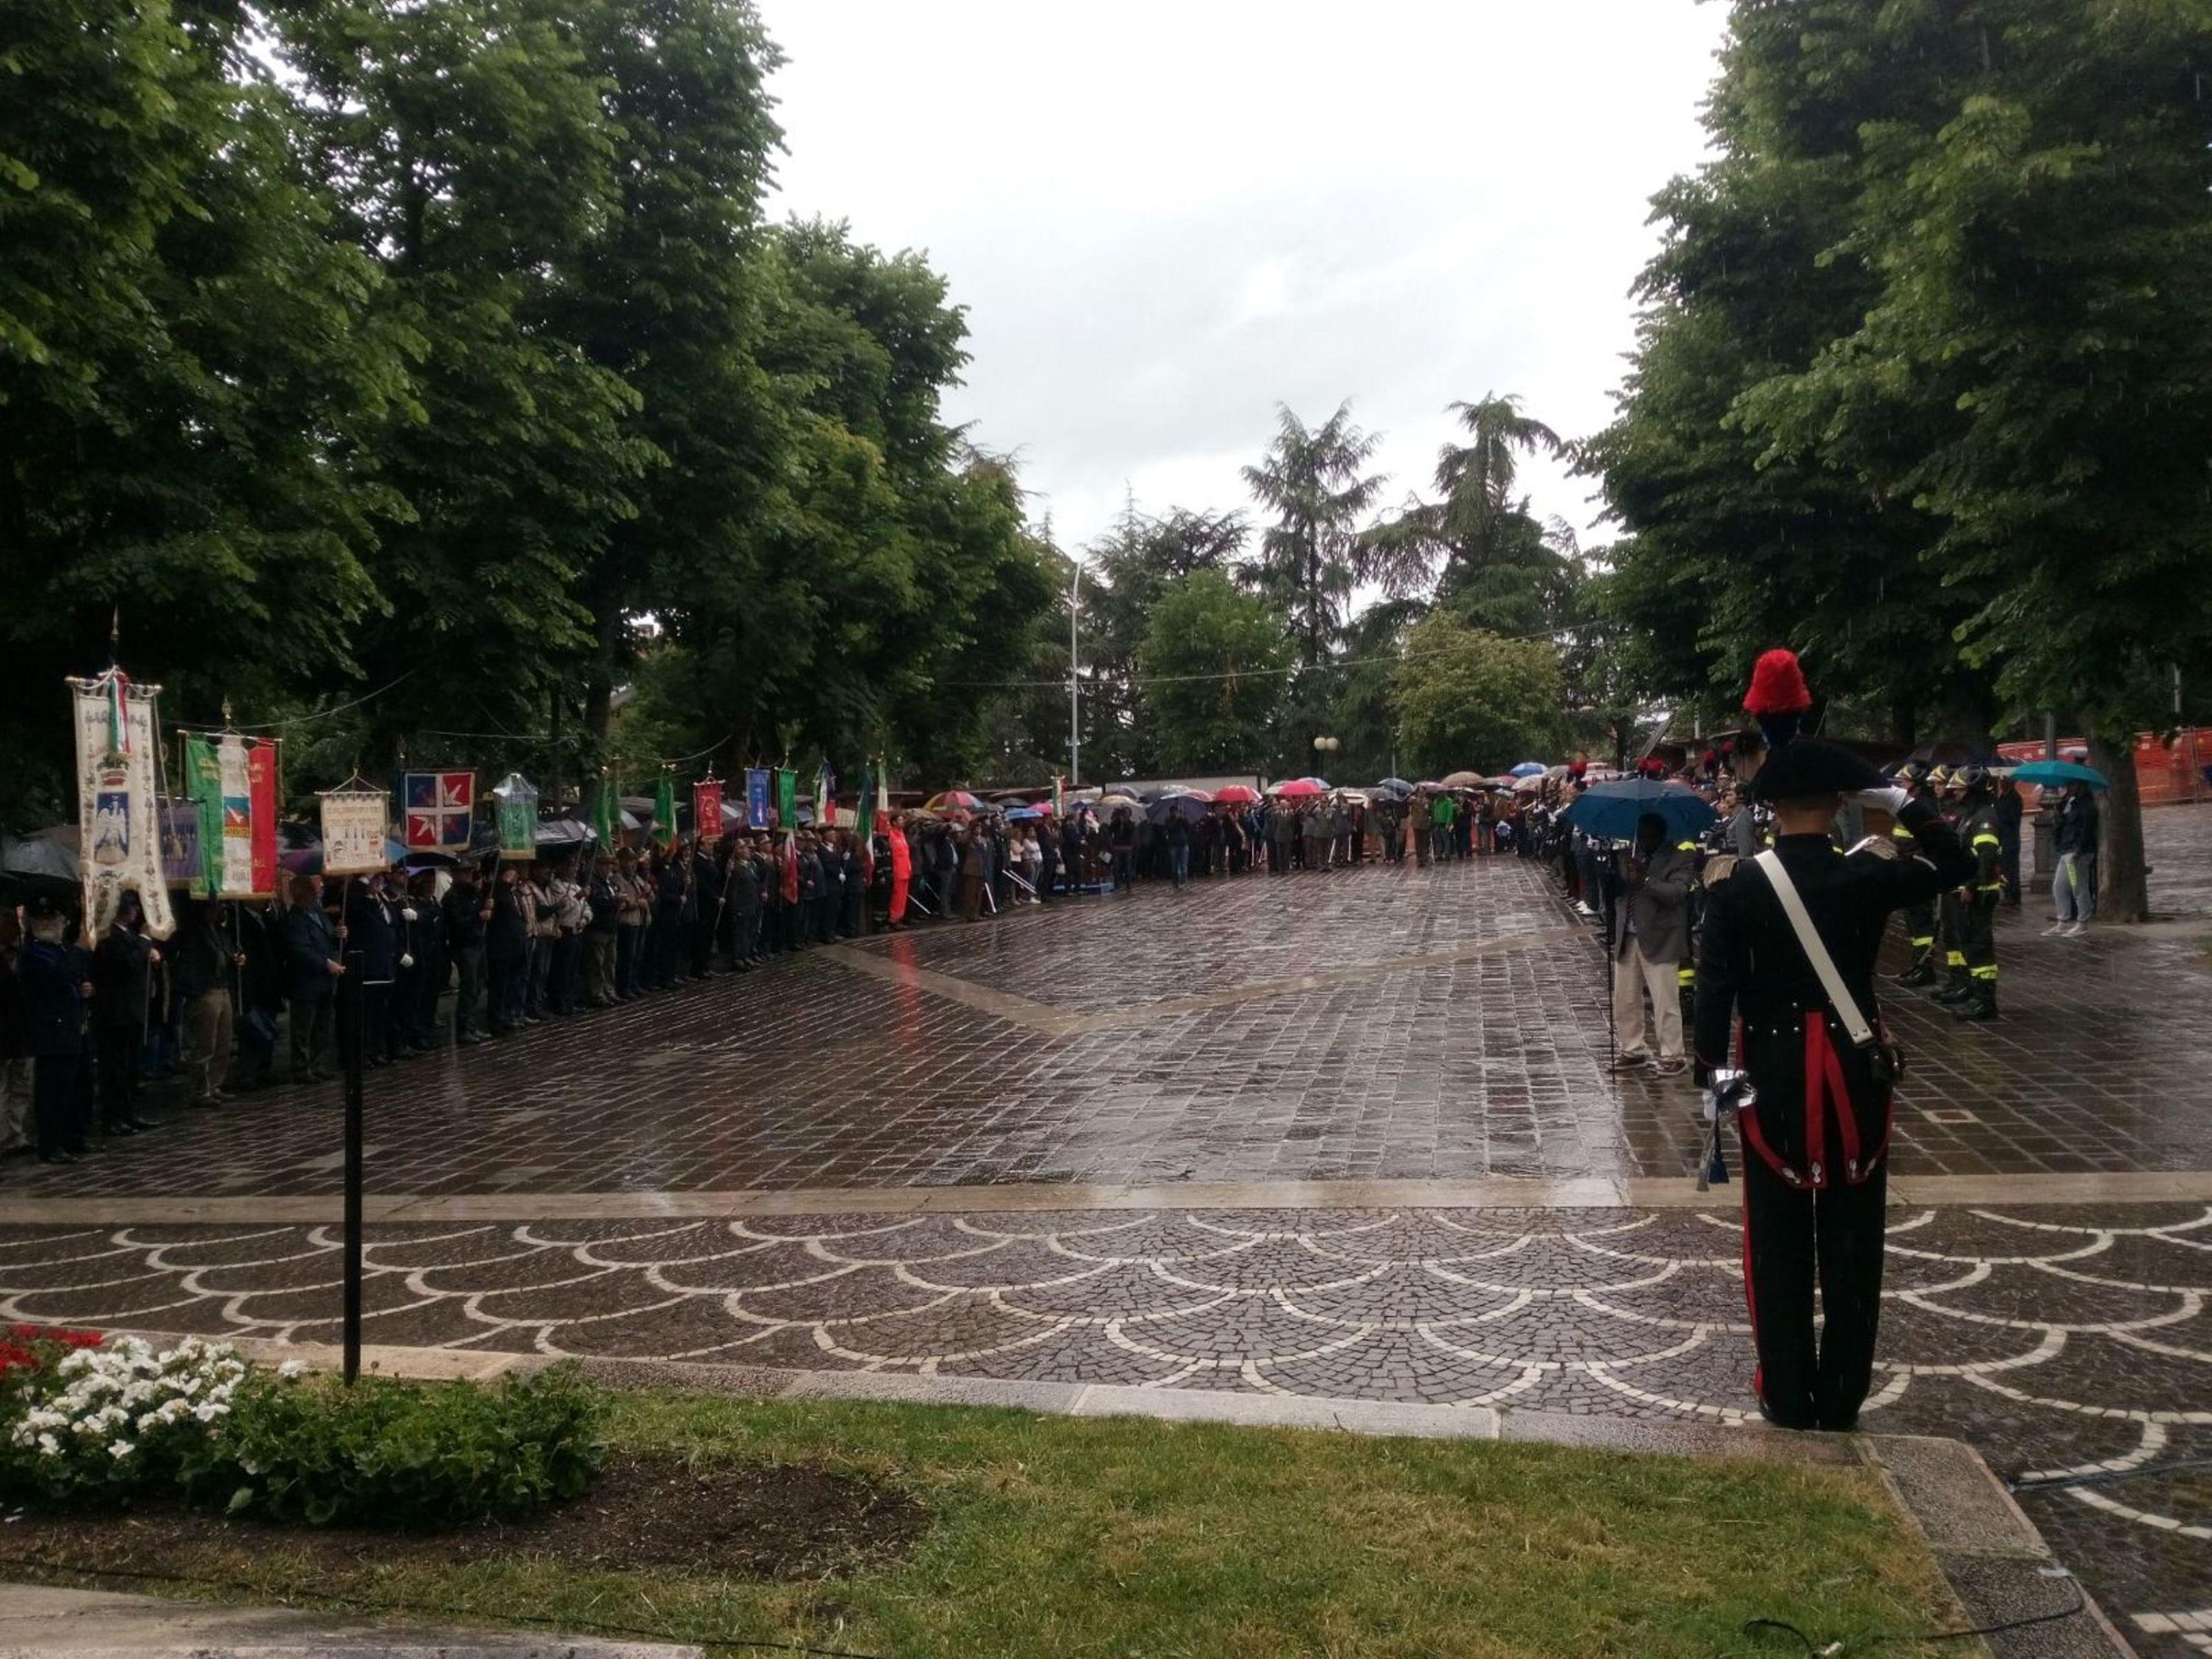 2 giugno 2016 in Abruzzo: le celebrazioni per i 70 anni della Repubblica